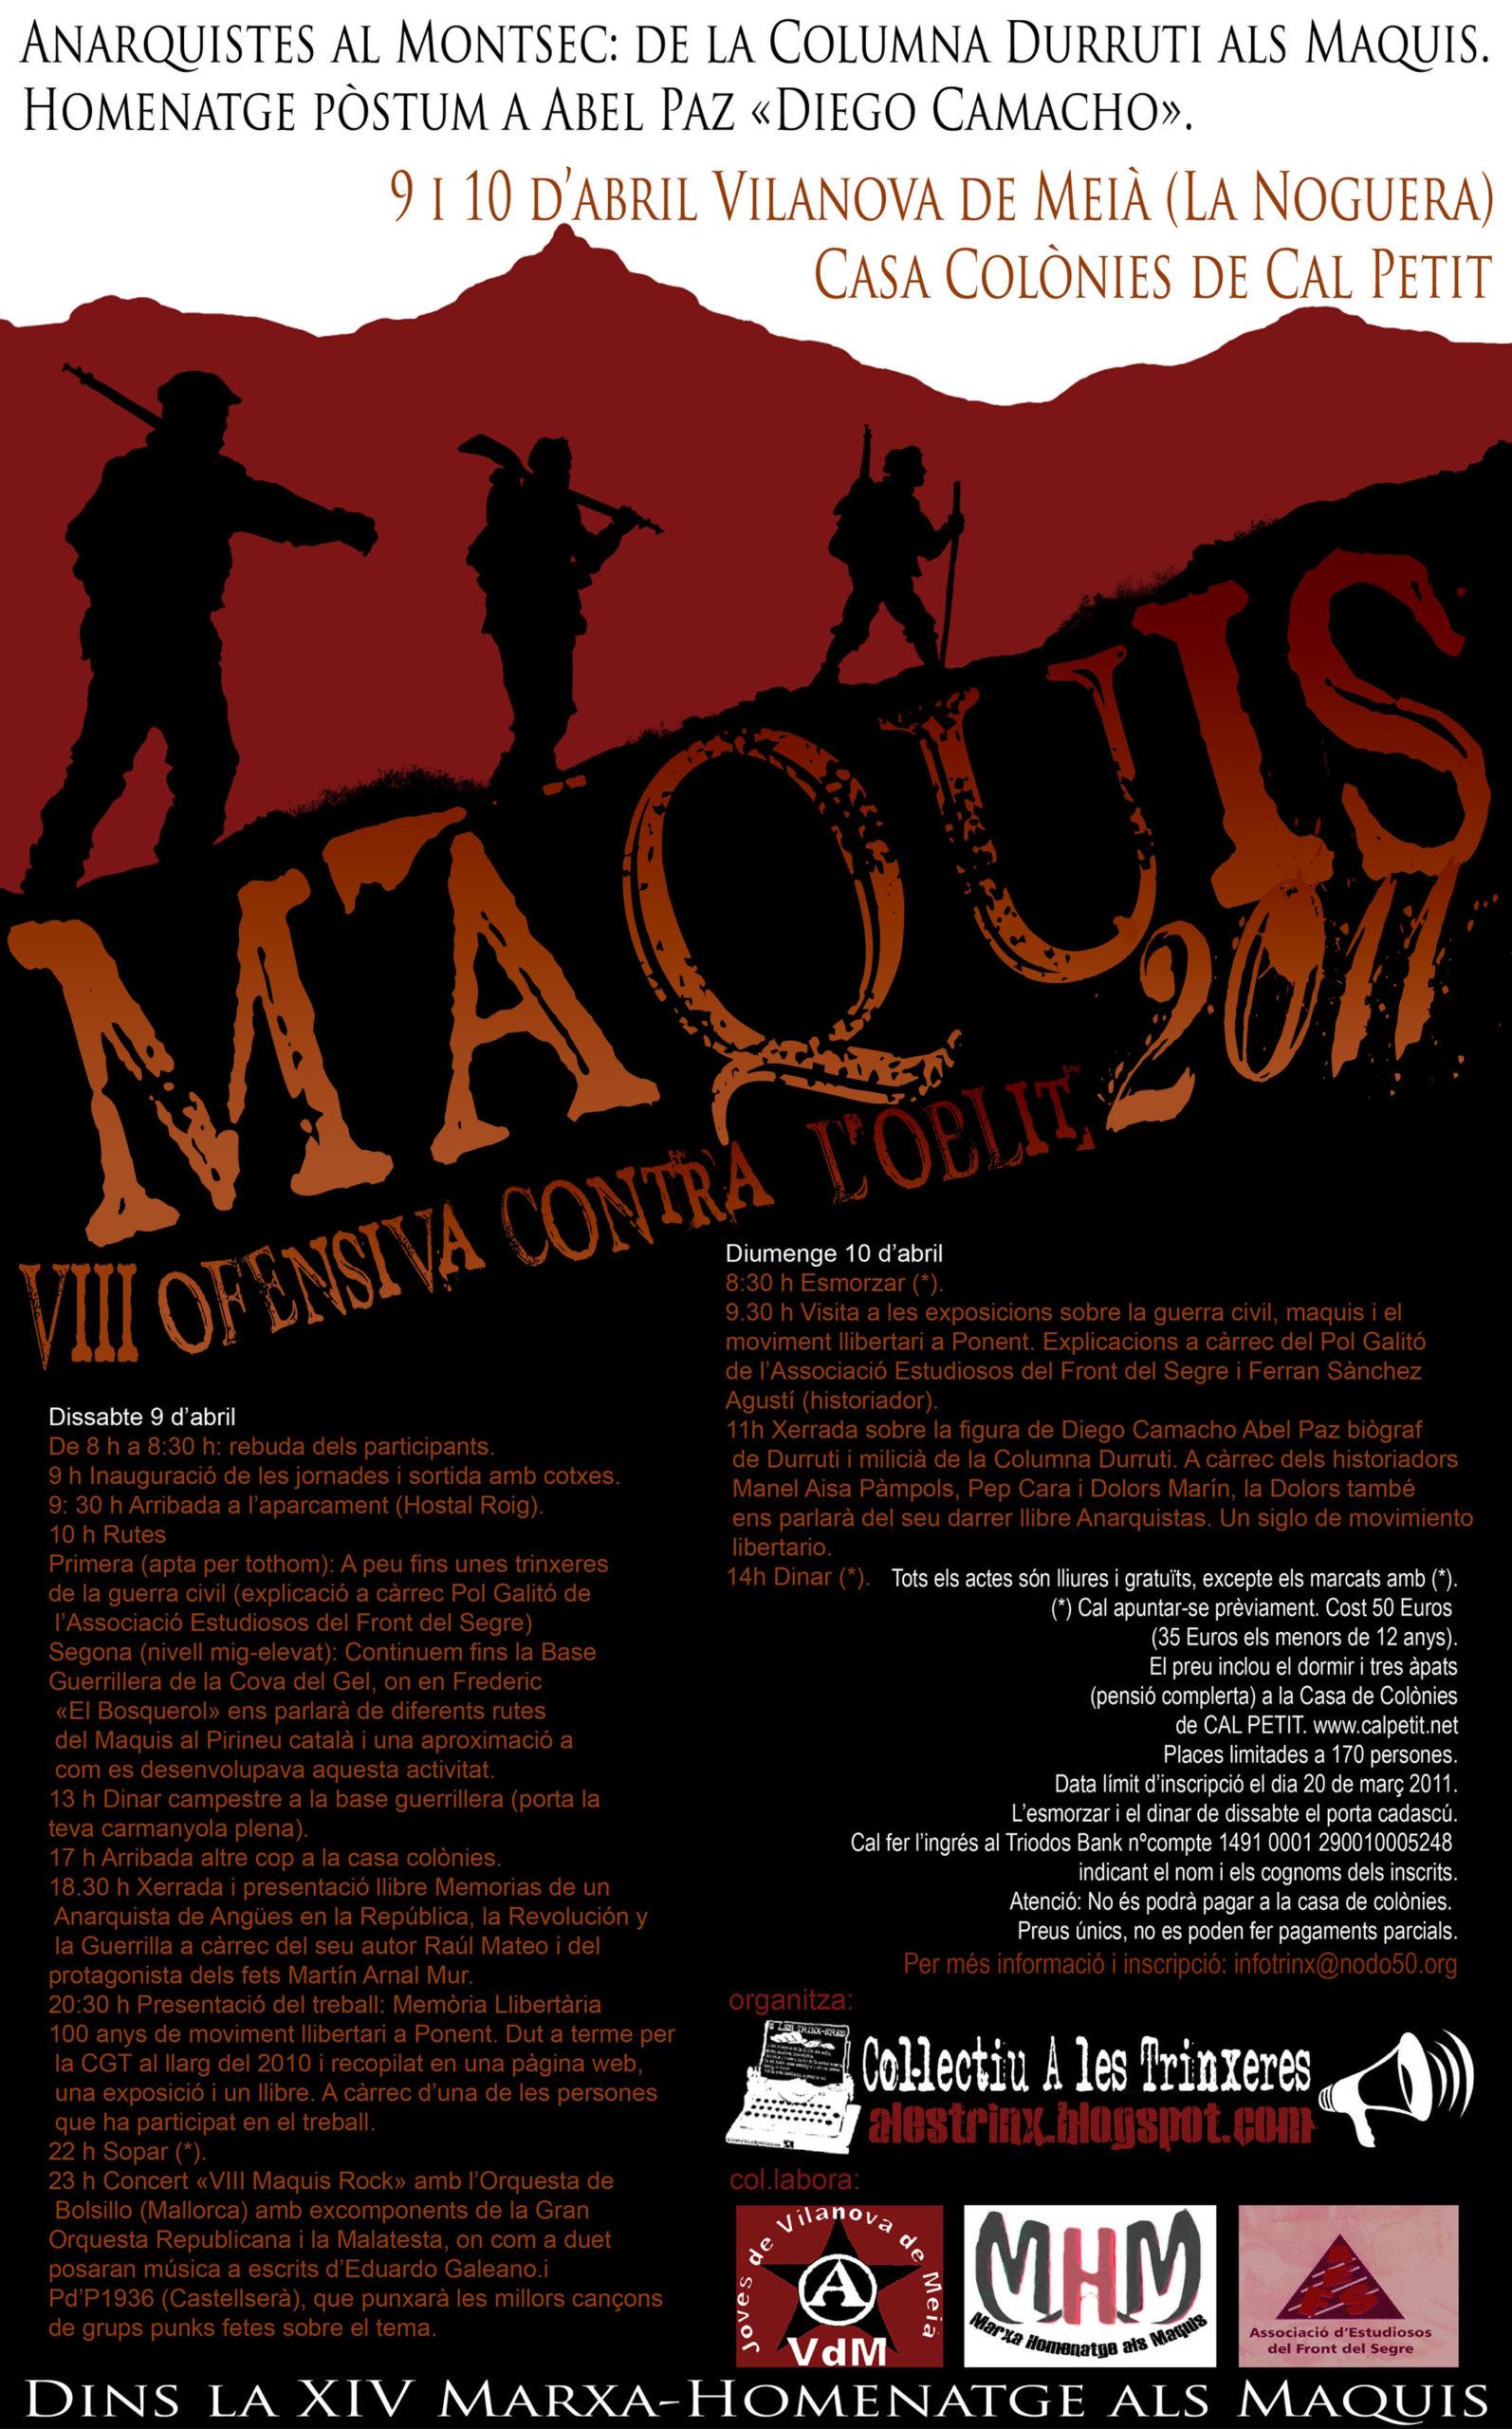 MAQUIS VIII OFENSIVA CONTRA L'OBLIT Vilanova de Meià 9 i 10 abril 2011